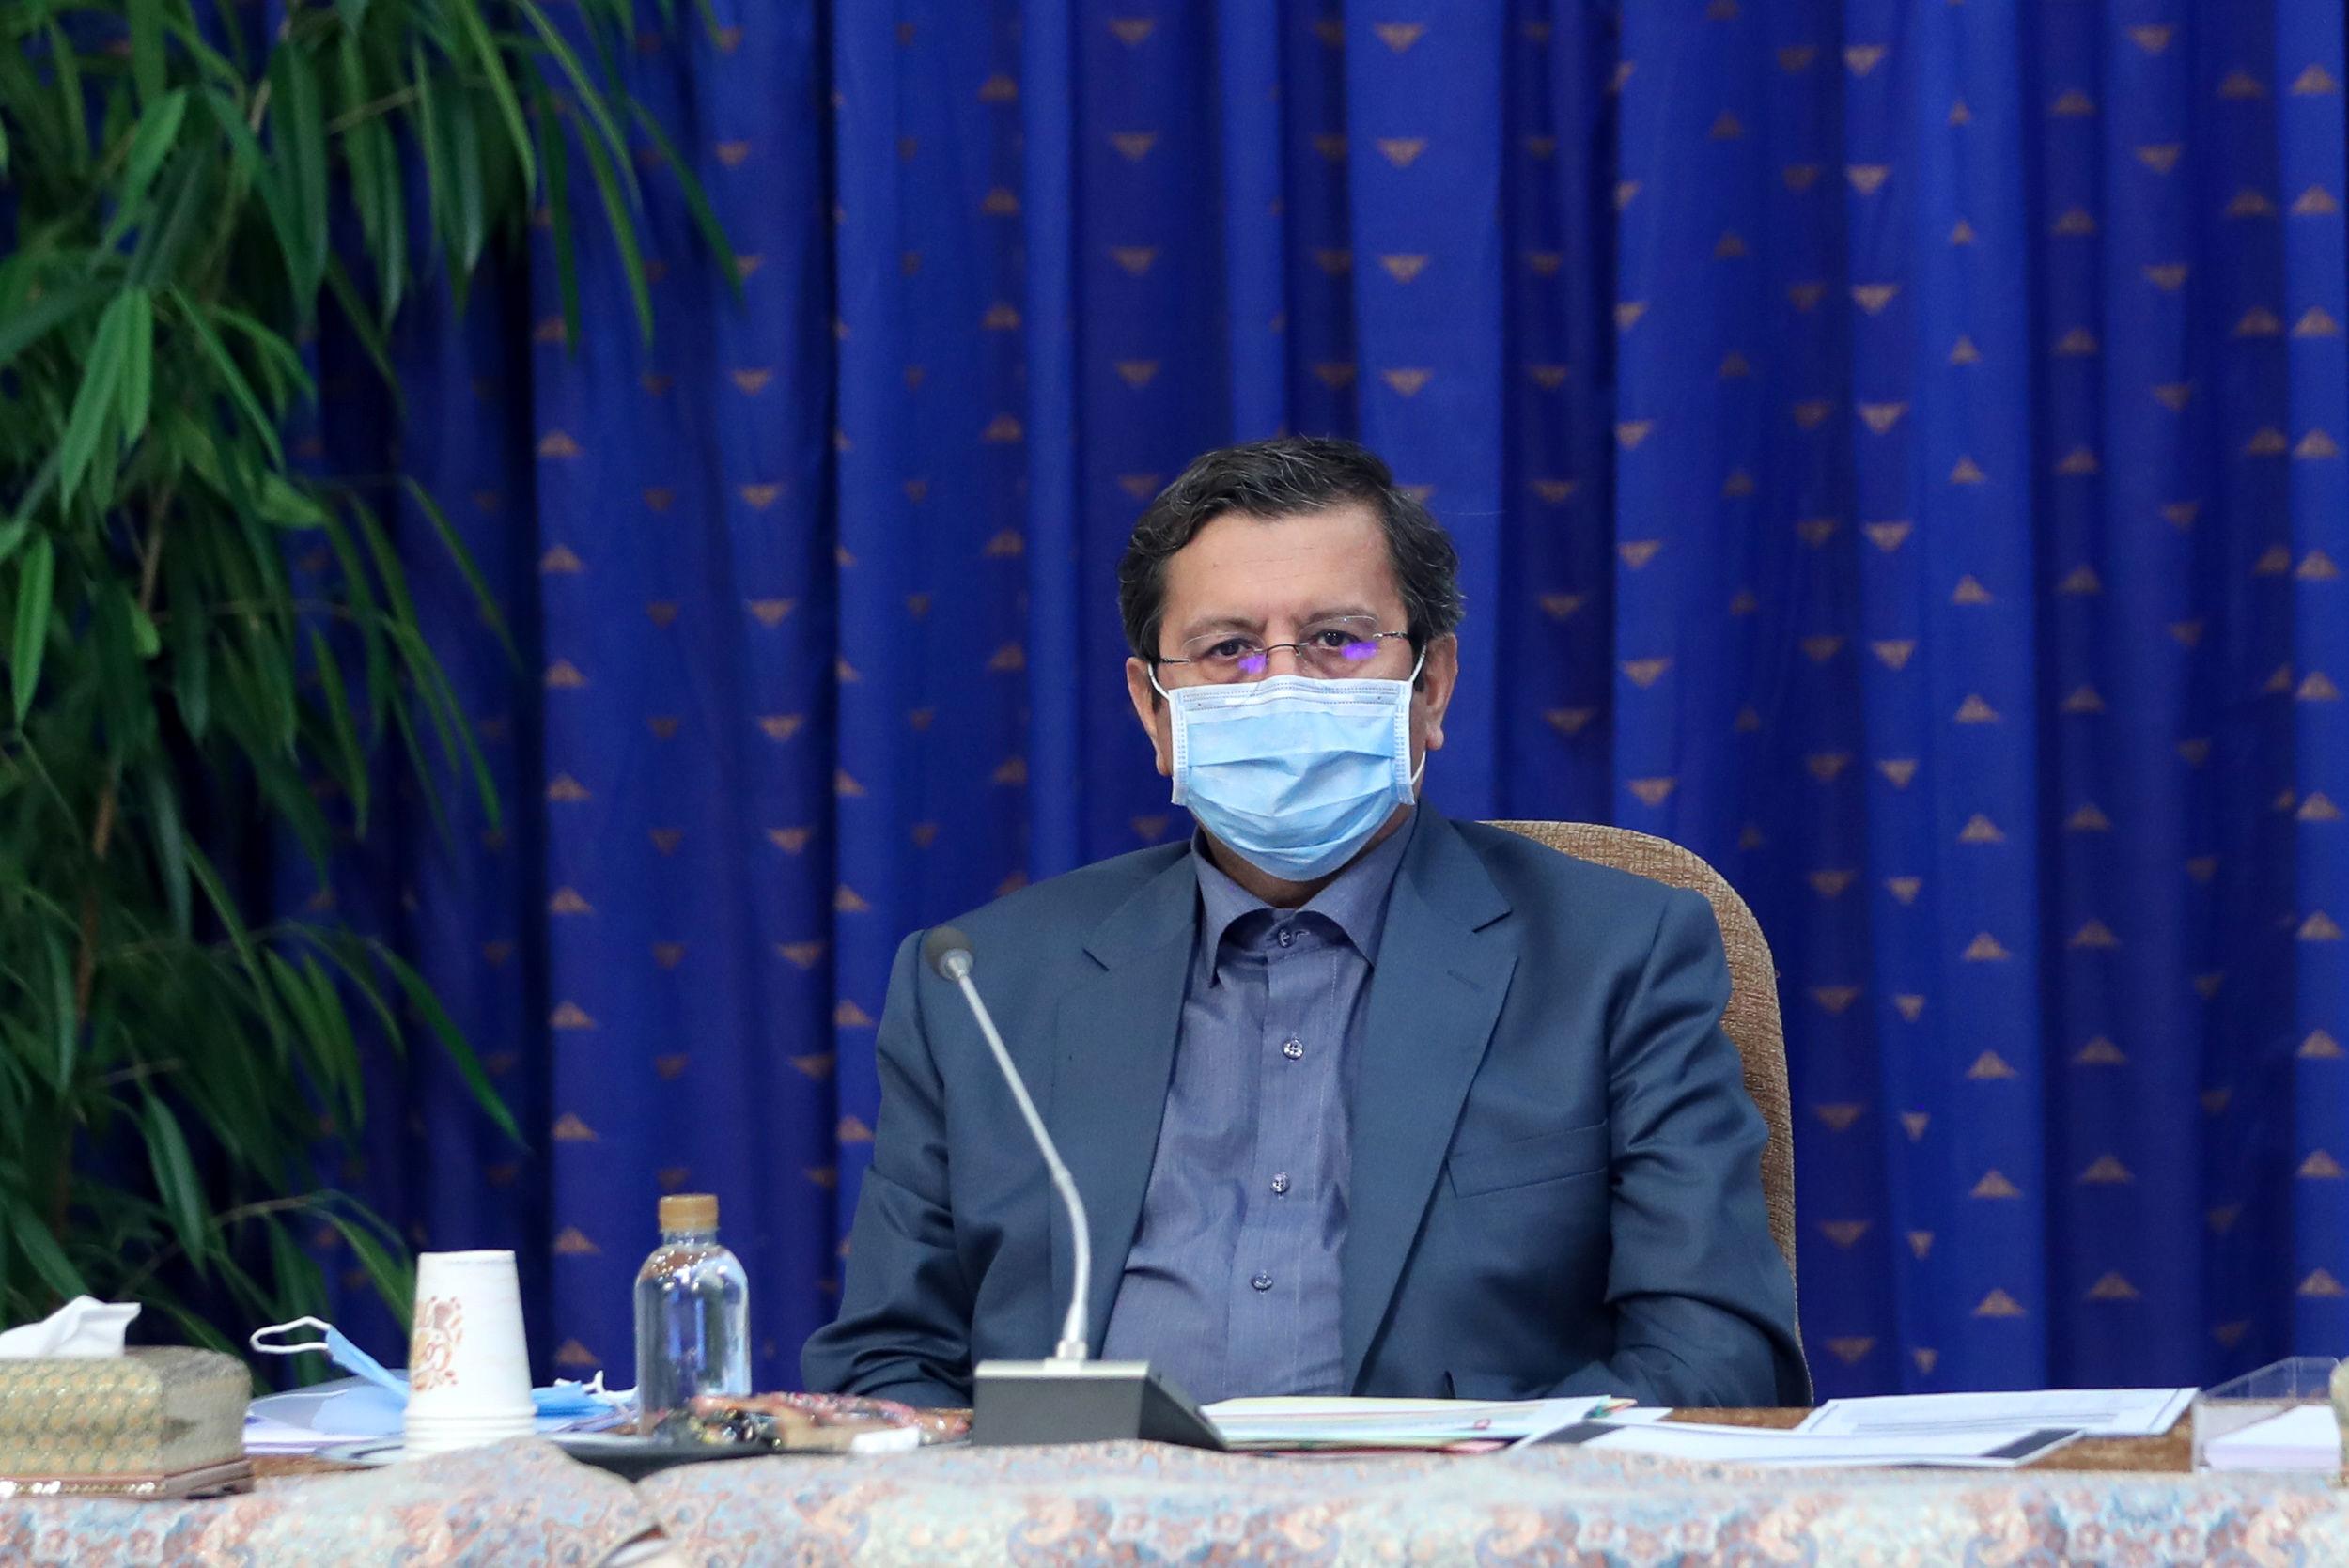 عبدالناصر همتی رییس بانک مرکزی